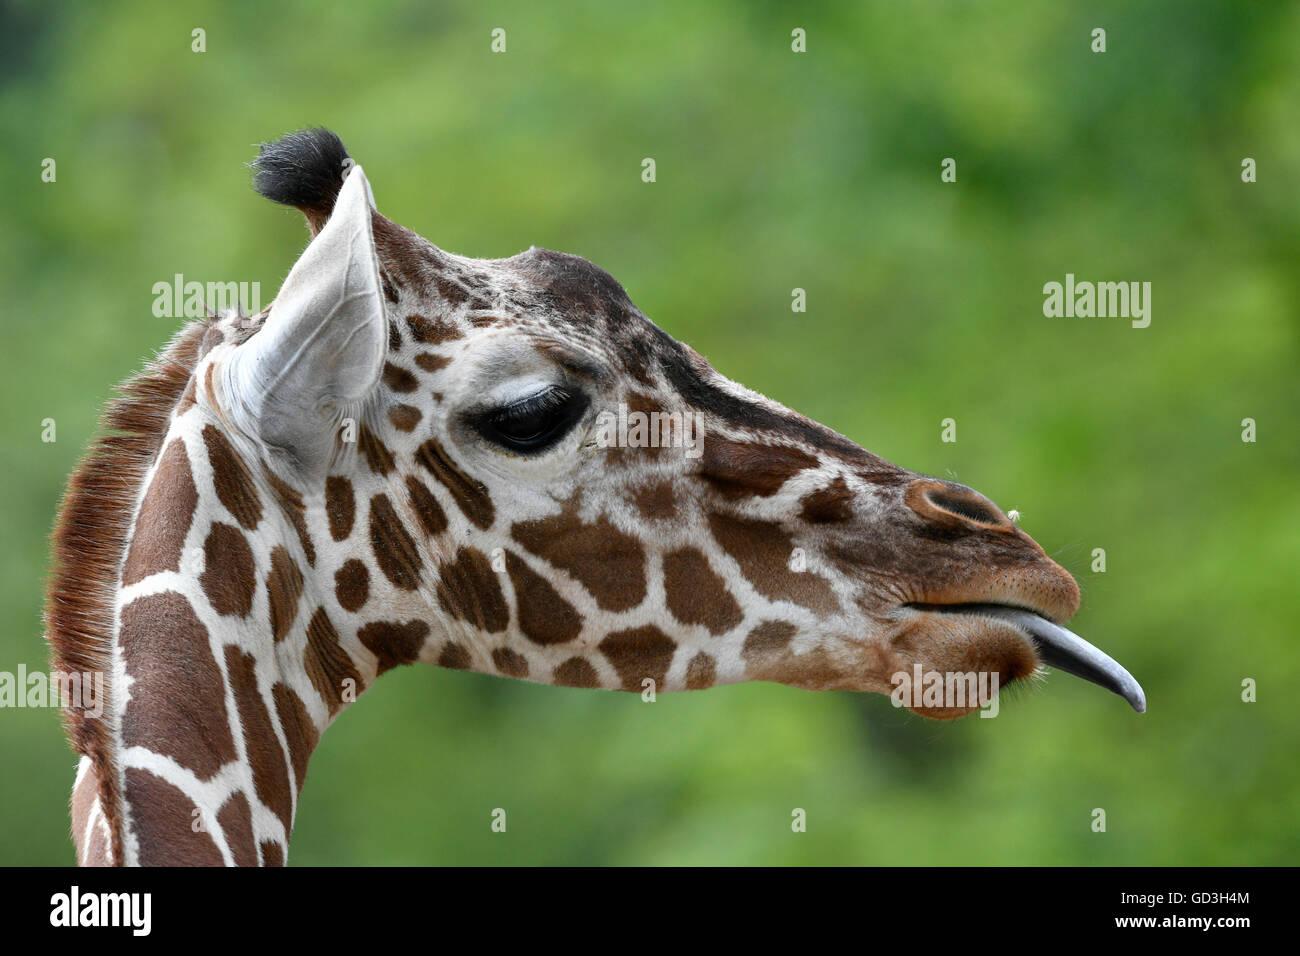 Giraffe reticolate (Giraffa camelopardalis reticulata), ritratto, bastoni fuori la lingua, captive Foto Stock